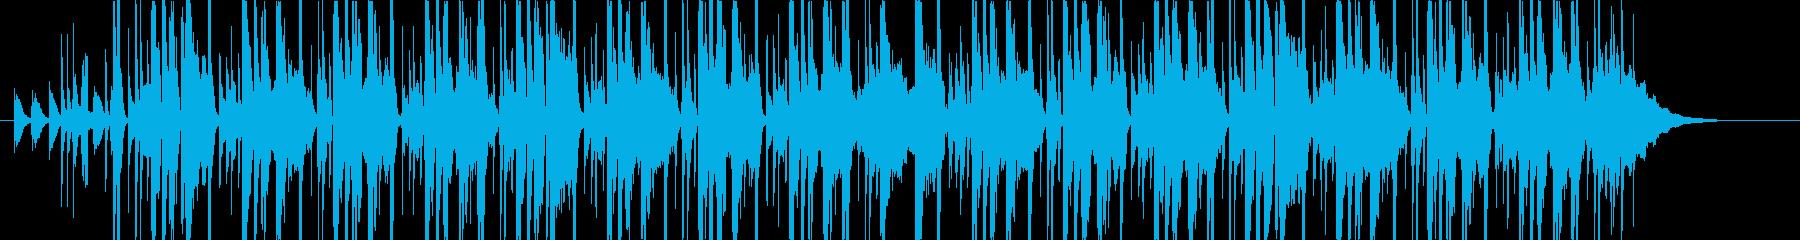 ファンク Hip-hop アクティ...の再生済みの波形